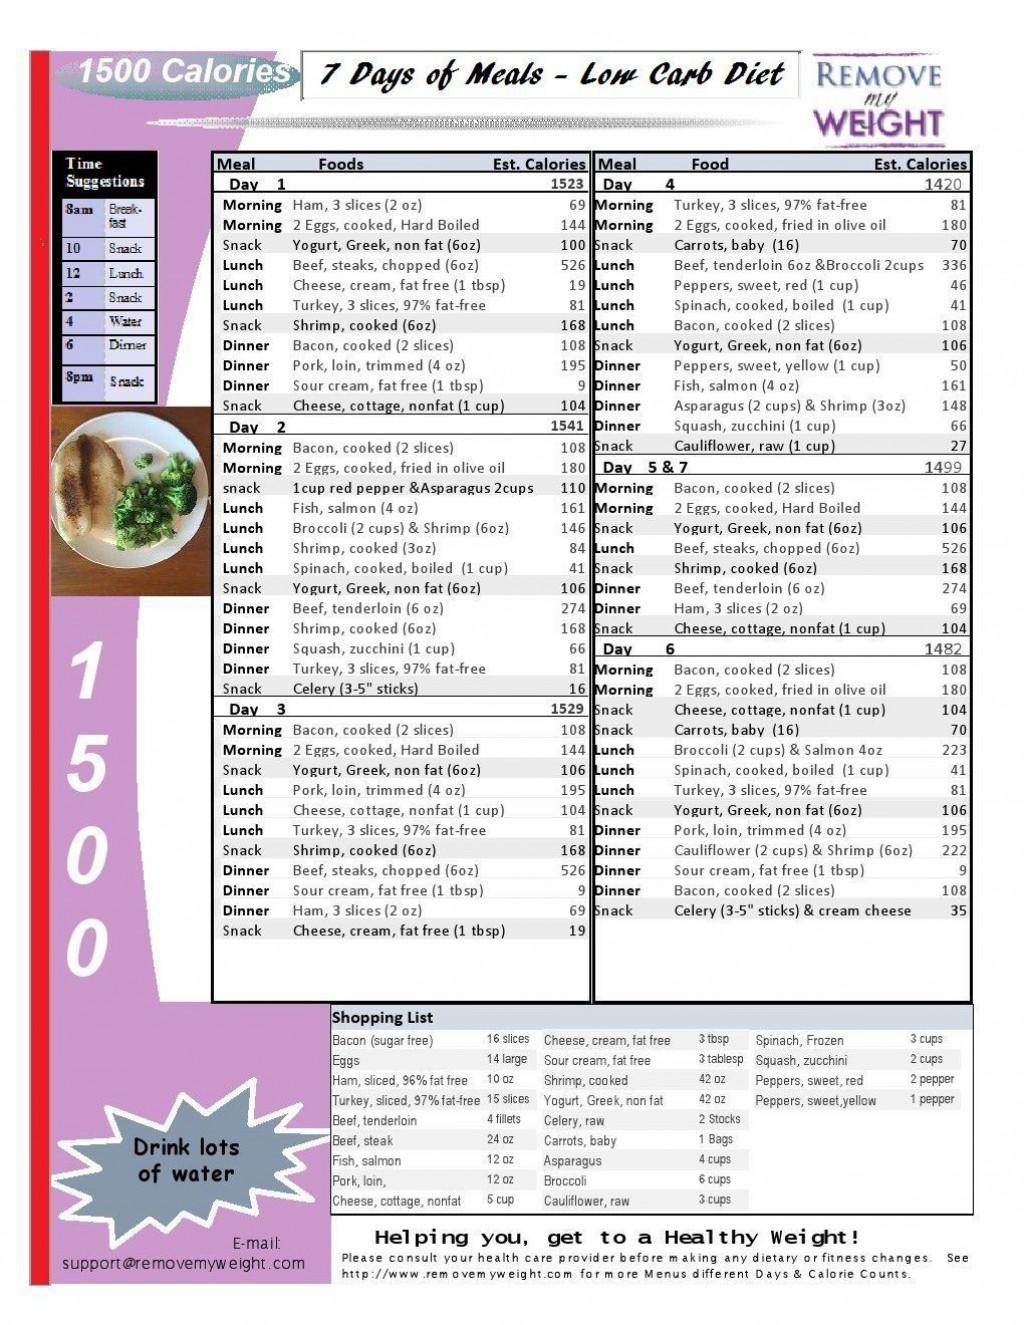 007 Stirring Sample 1500 Calorie Meal Plan Pdf Design Large